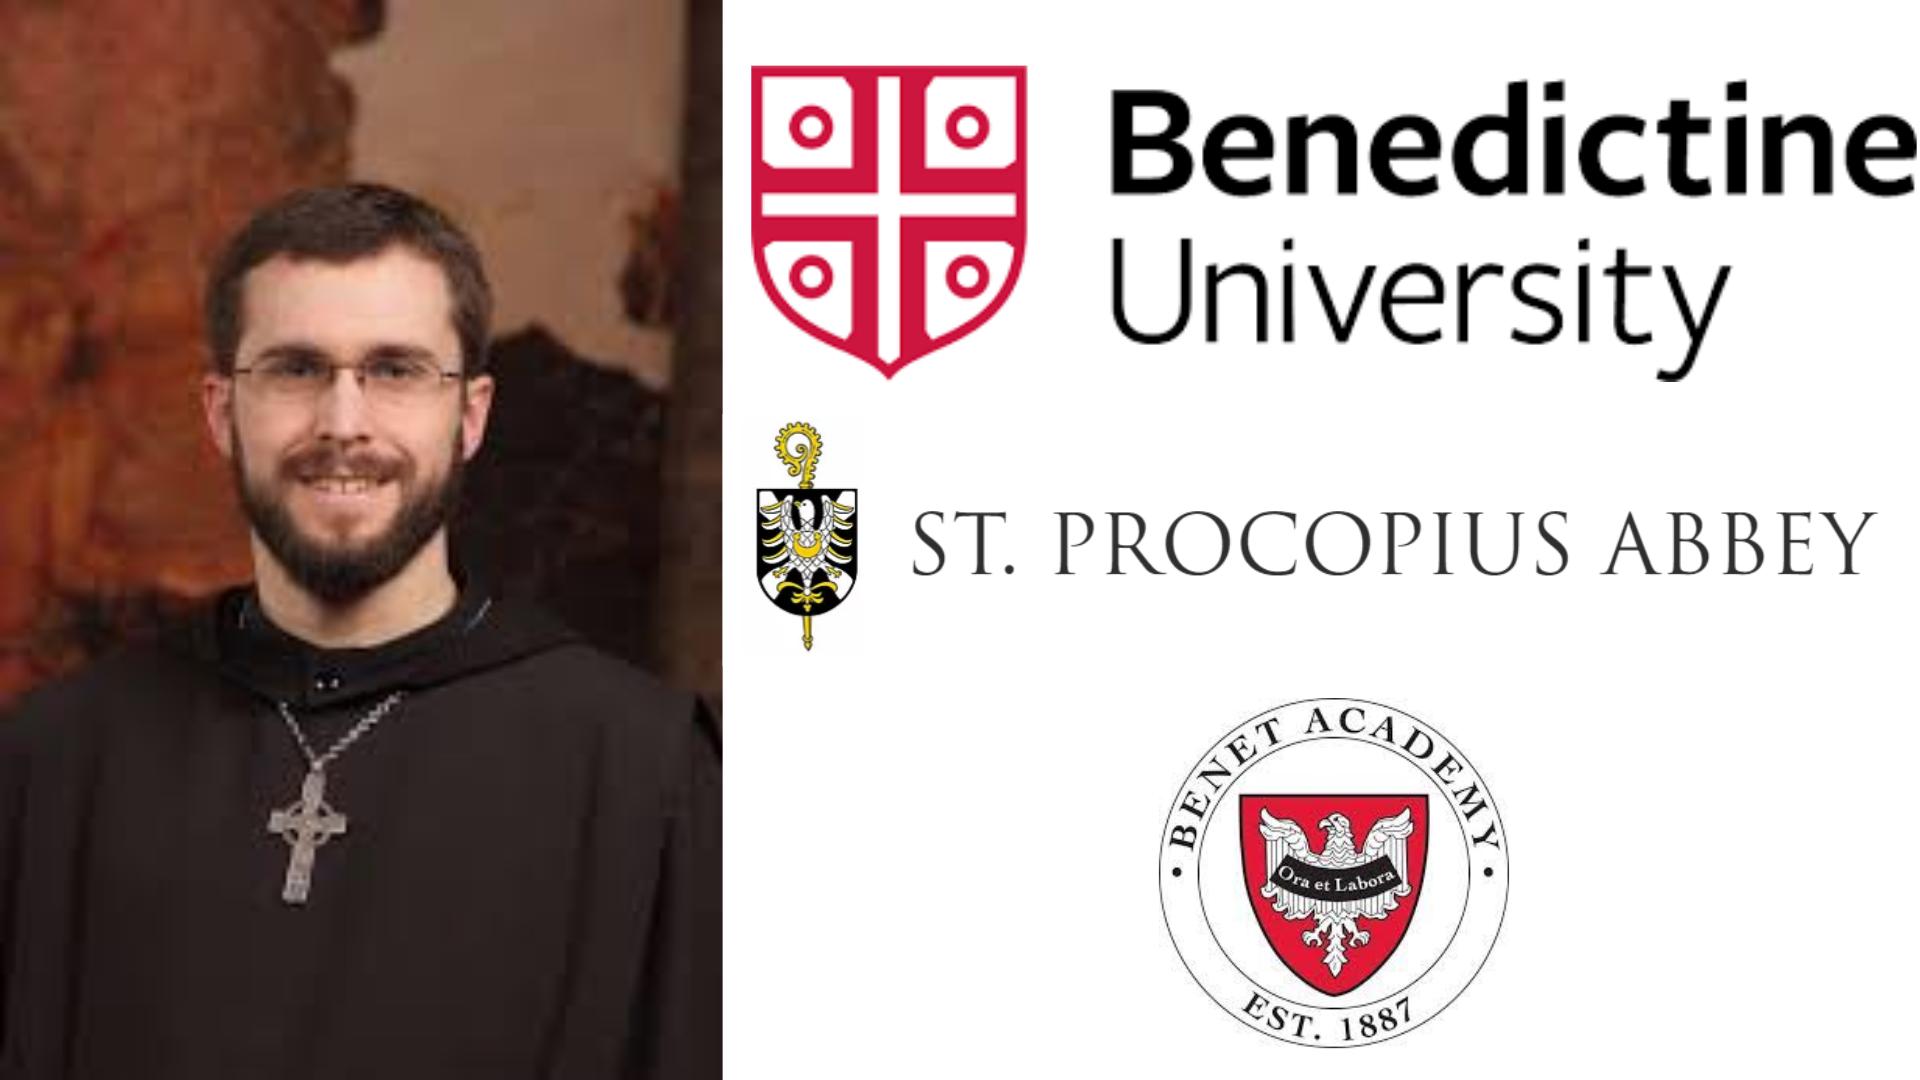 Benedictine, Abbey and Benet